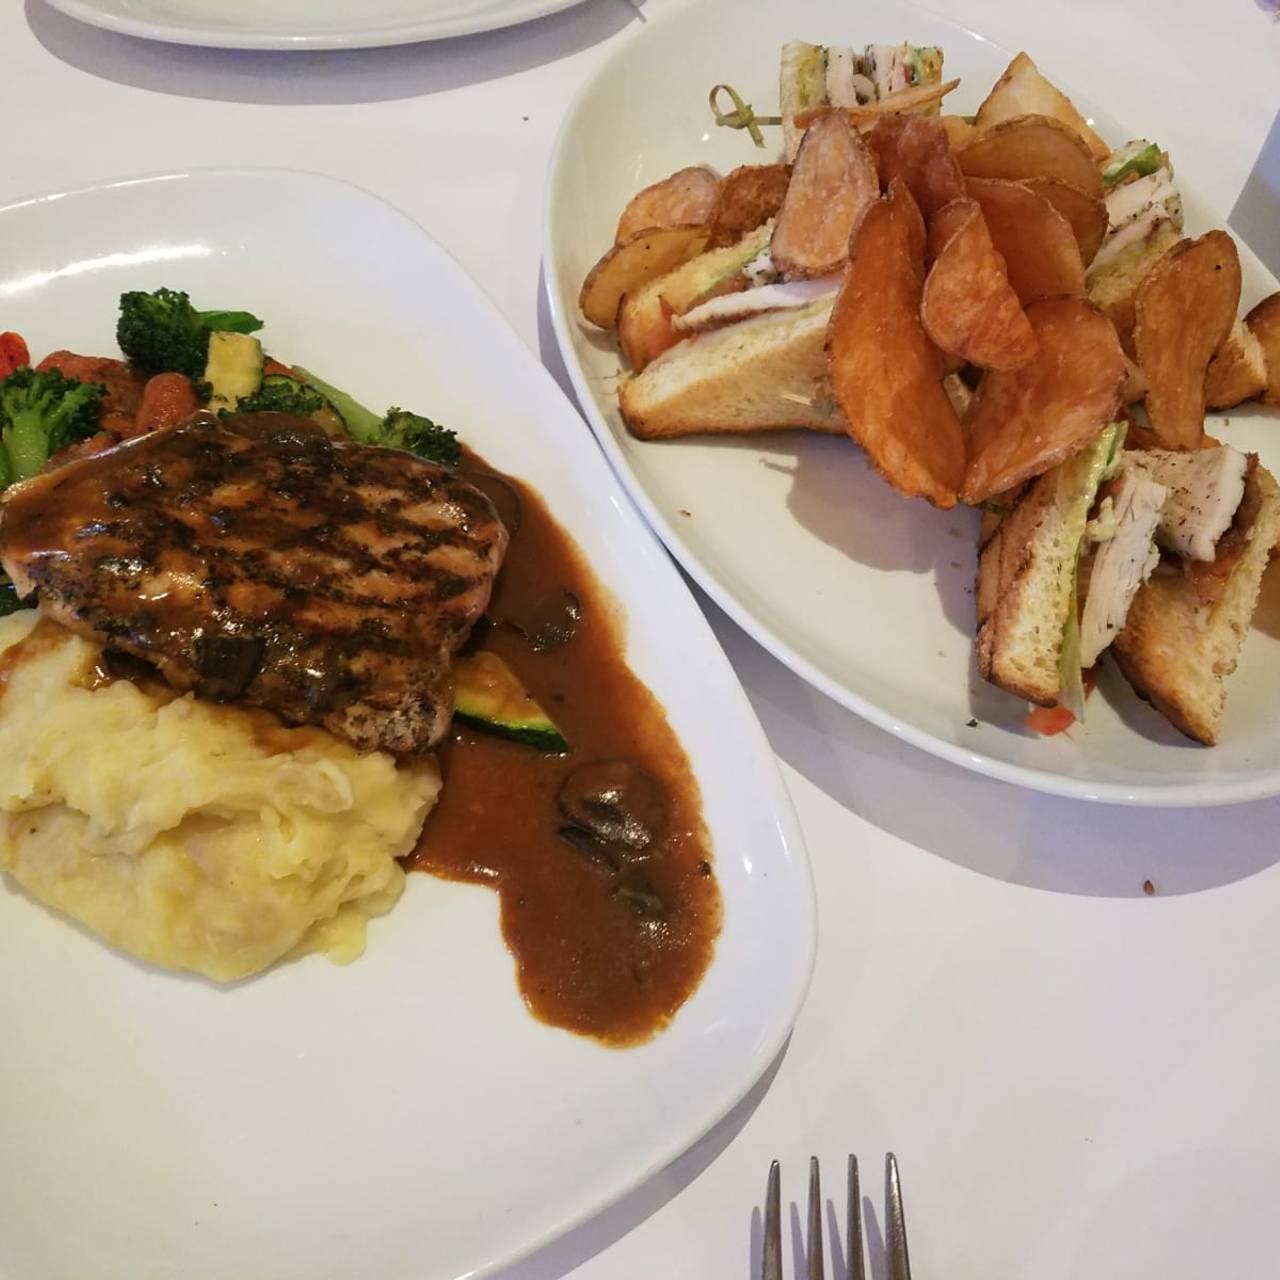 BRIO Tuscan Grille - Las Vegas - Town Square Restaurant - Las Vegas ...